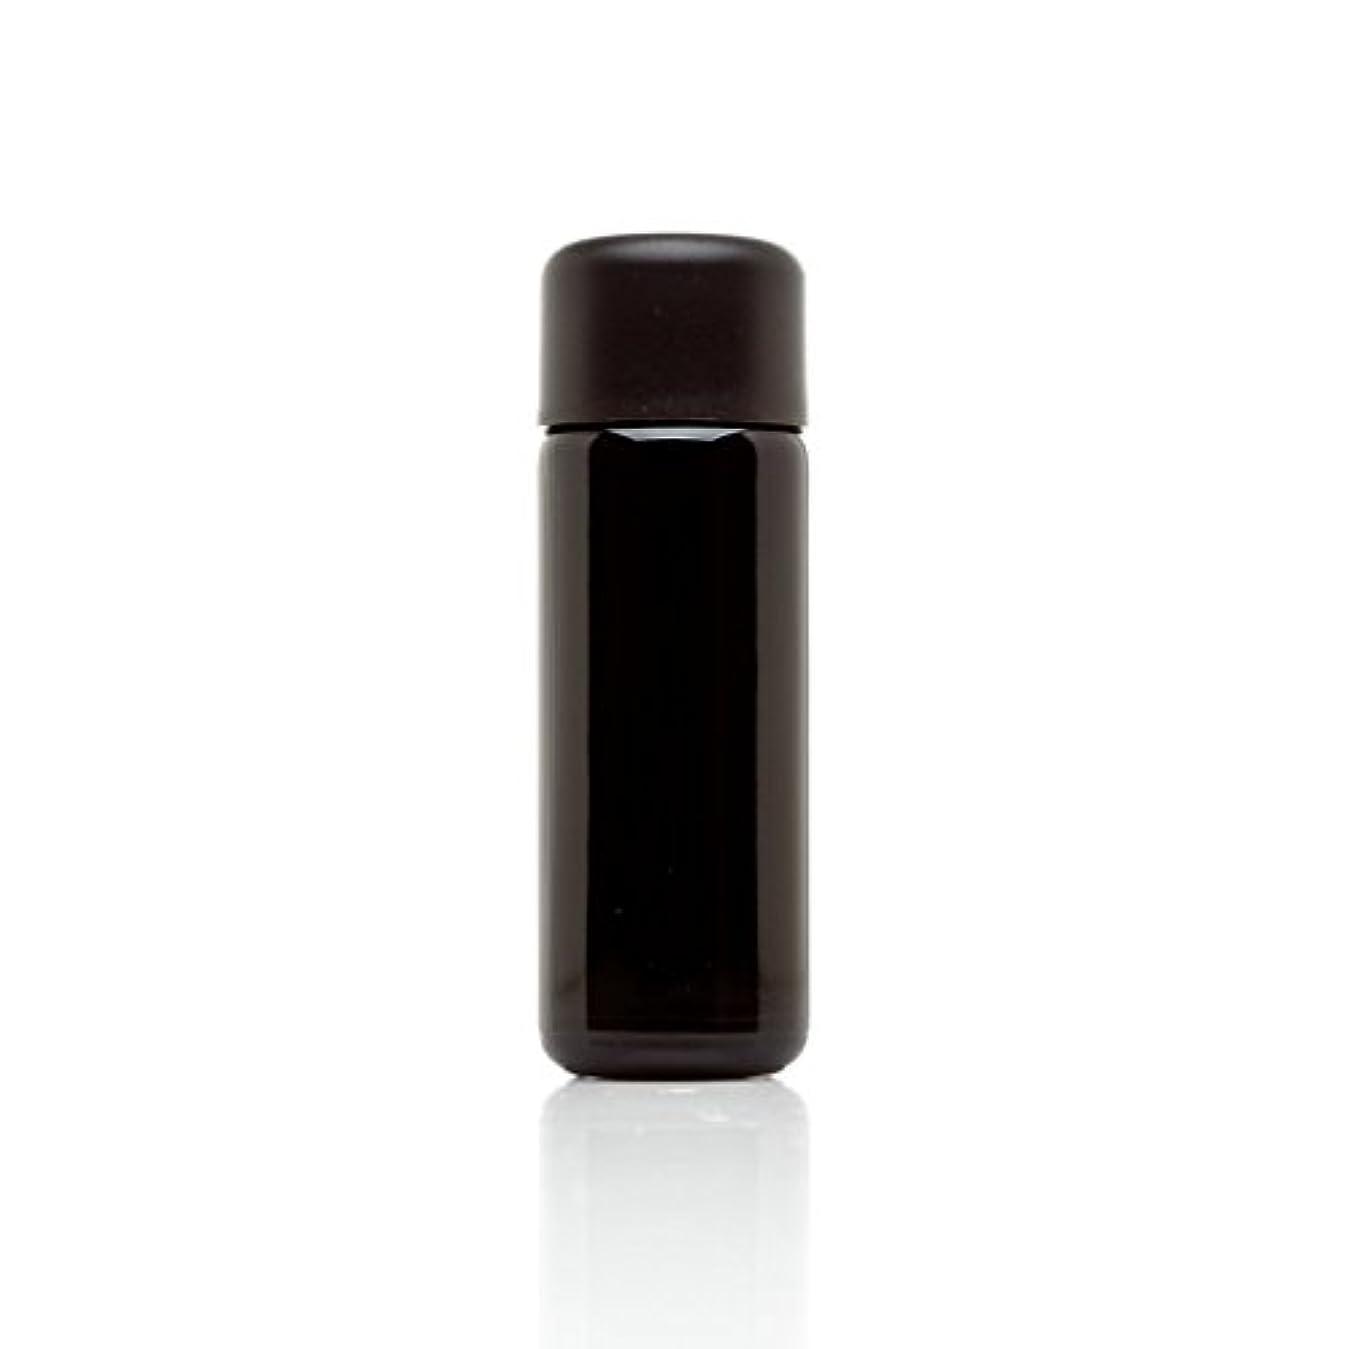 凶暴な例示する溶かすinfinity Jars 50 ml (1.7 FL OZ) ブラック紫外線ガラスSlow Pourボトル